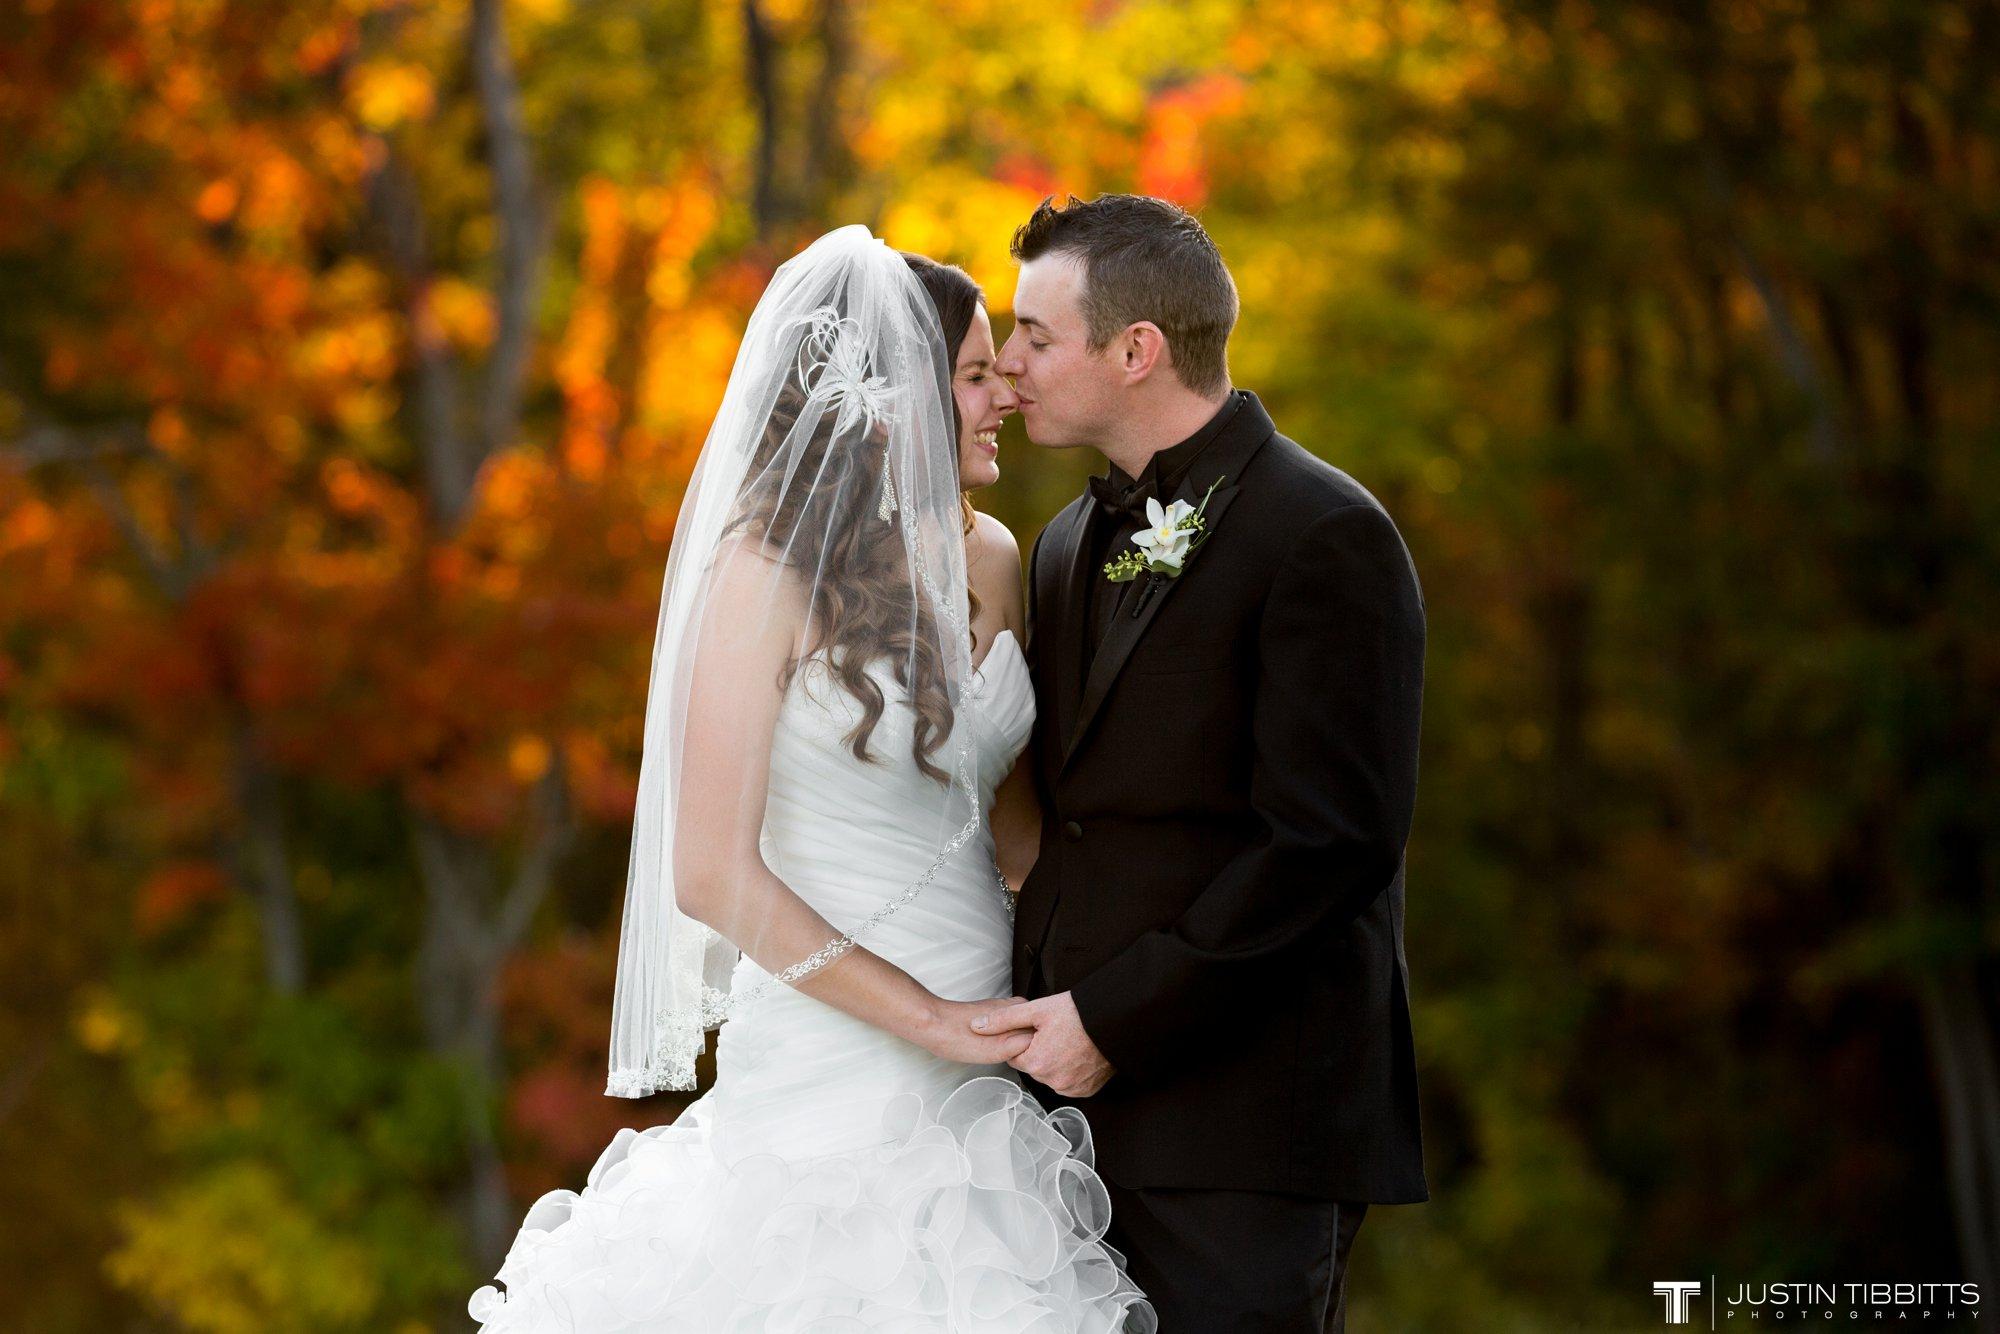 Albany NY Wedding Photographer Justin Tibbitts Photography 2014 Best of Albany NY Weddings-1896737